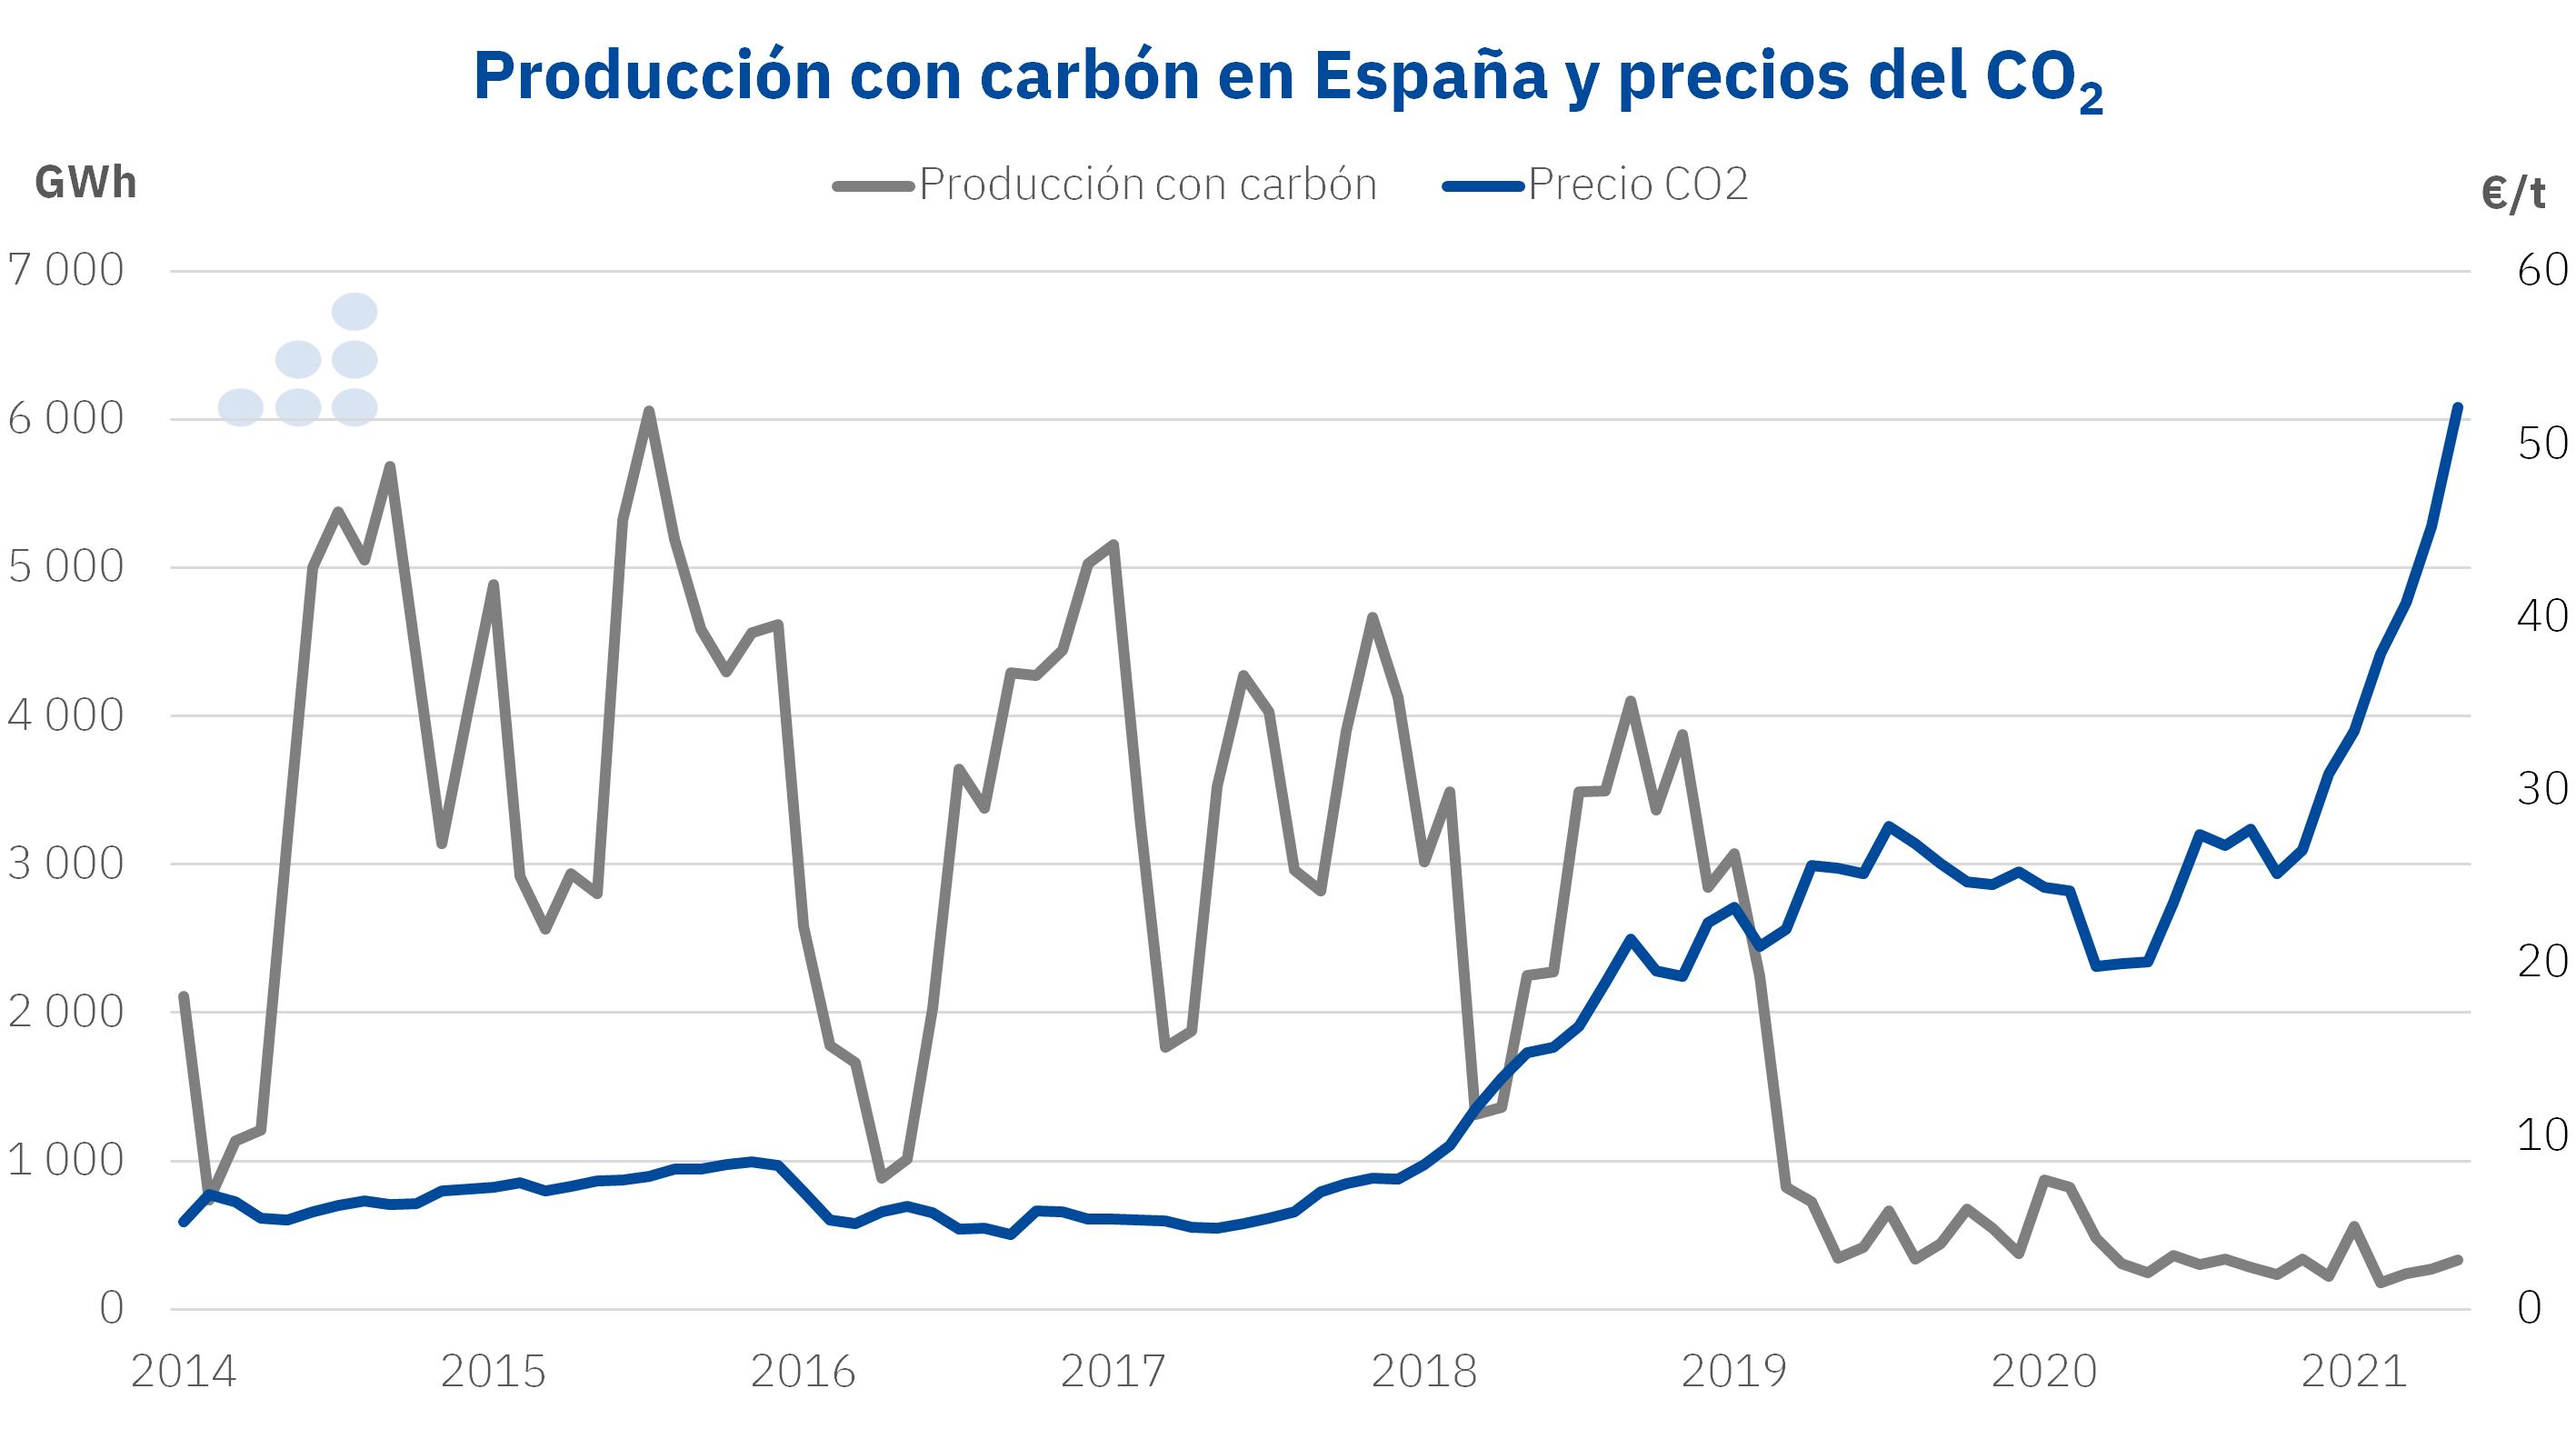 AleaSoft - produccion carbon espana precio co2